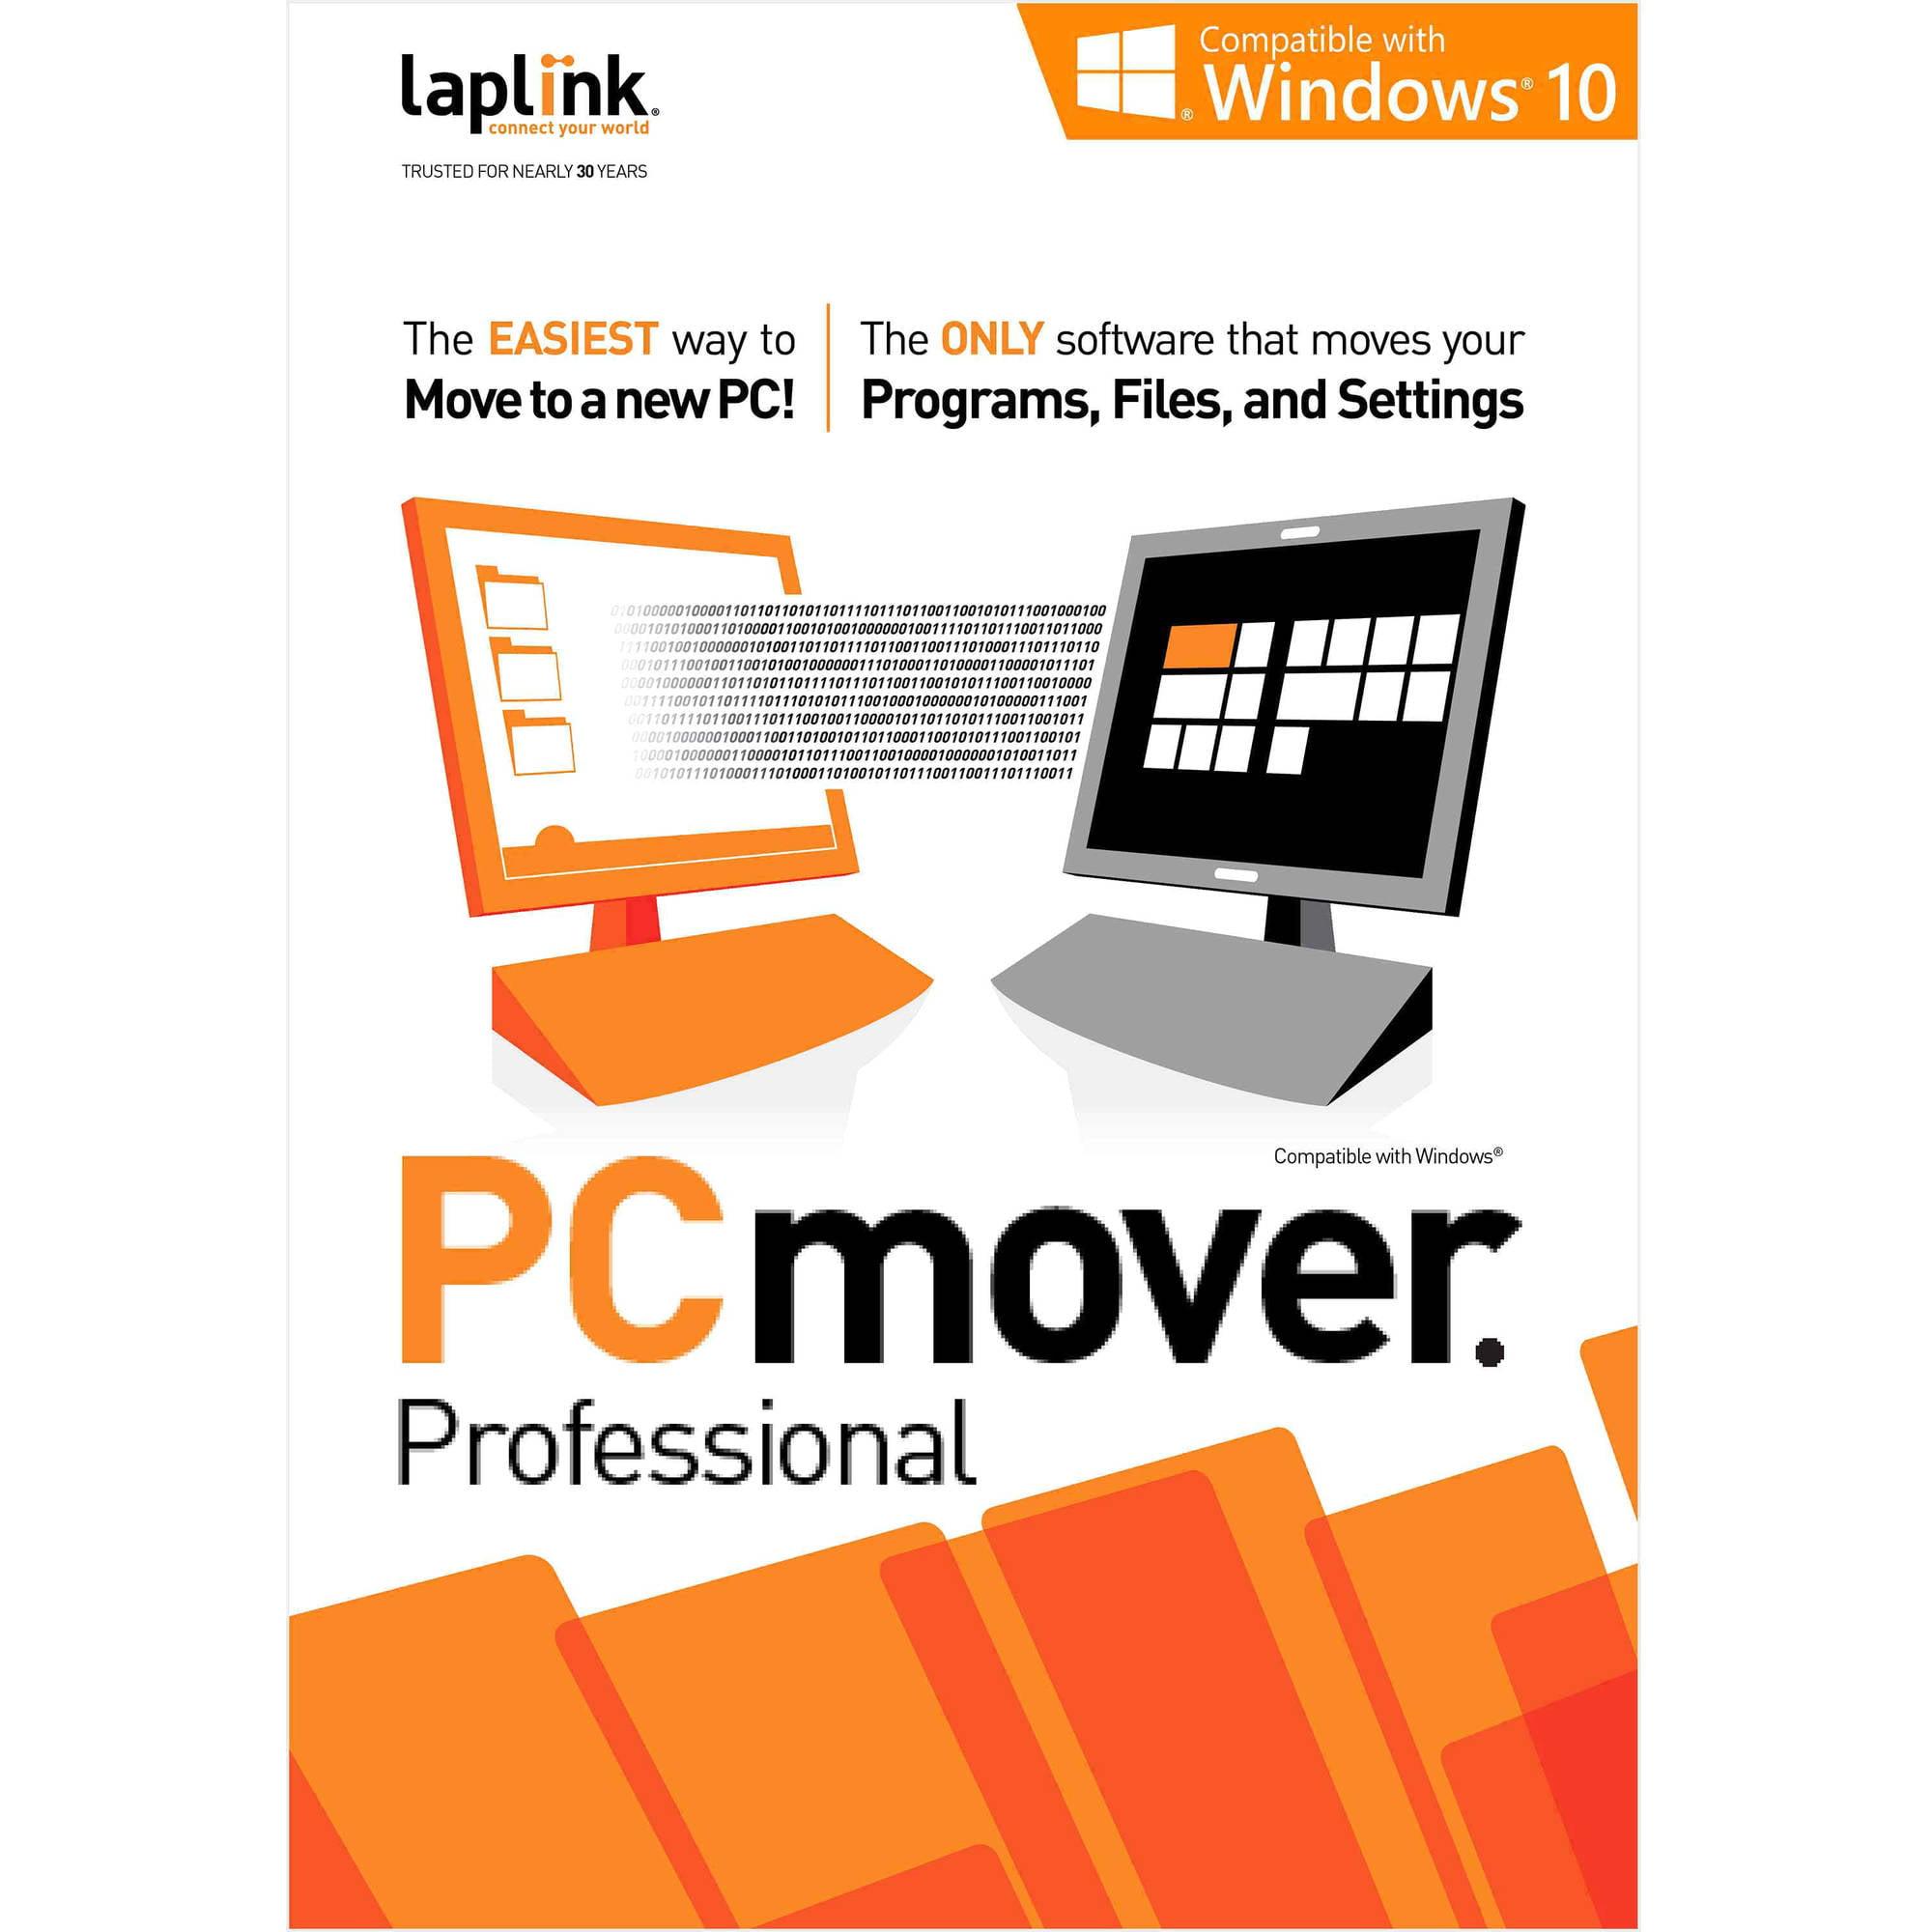 Laplink PCmover 1 Migration Professional 10